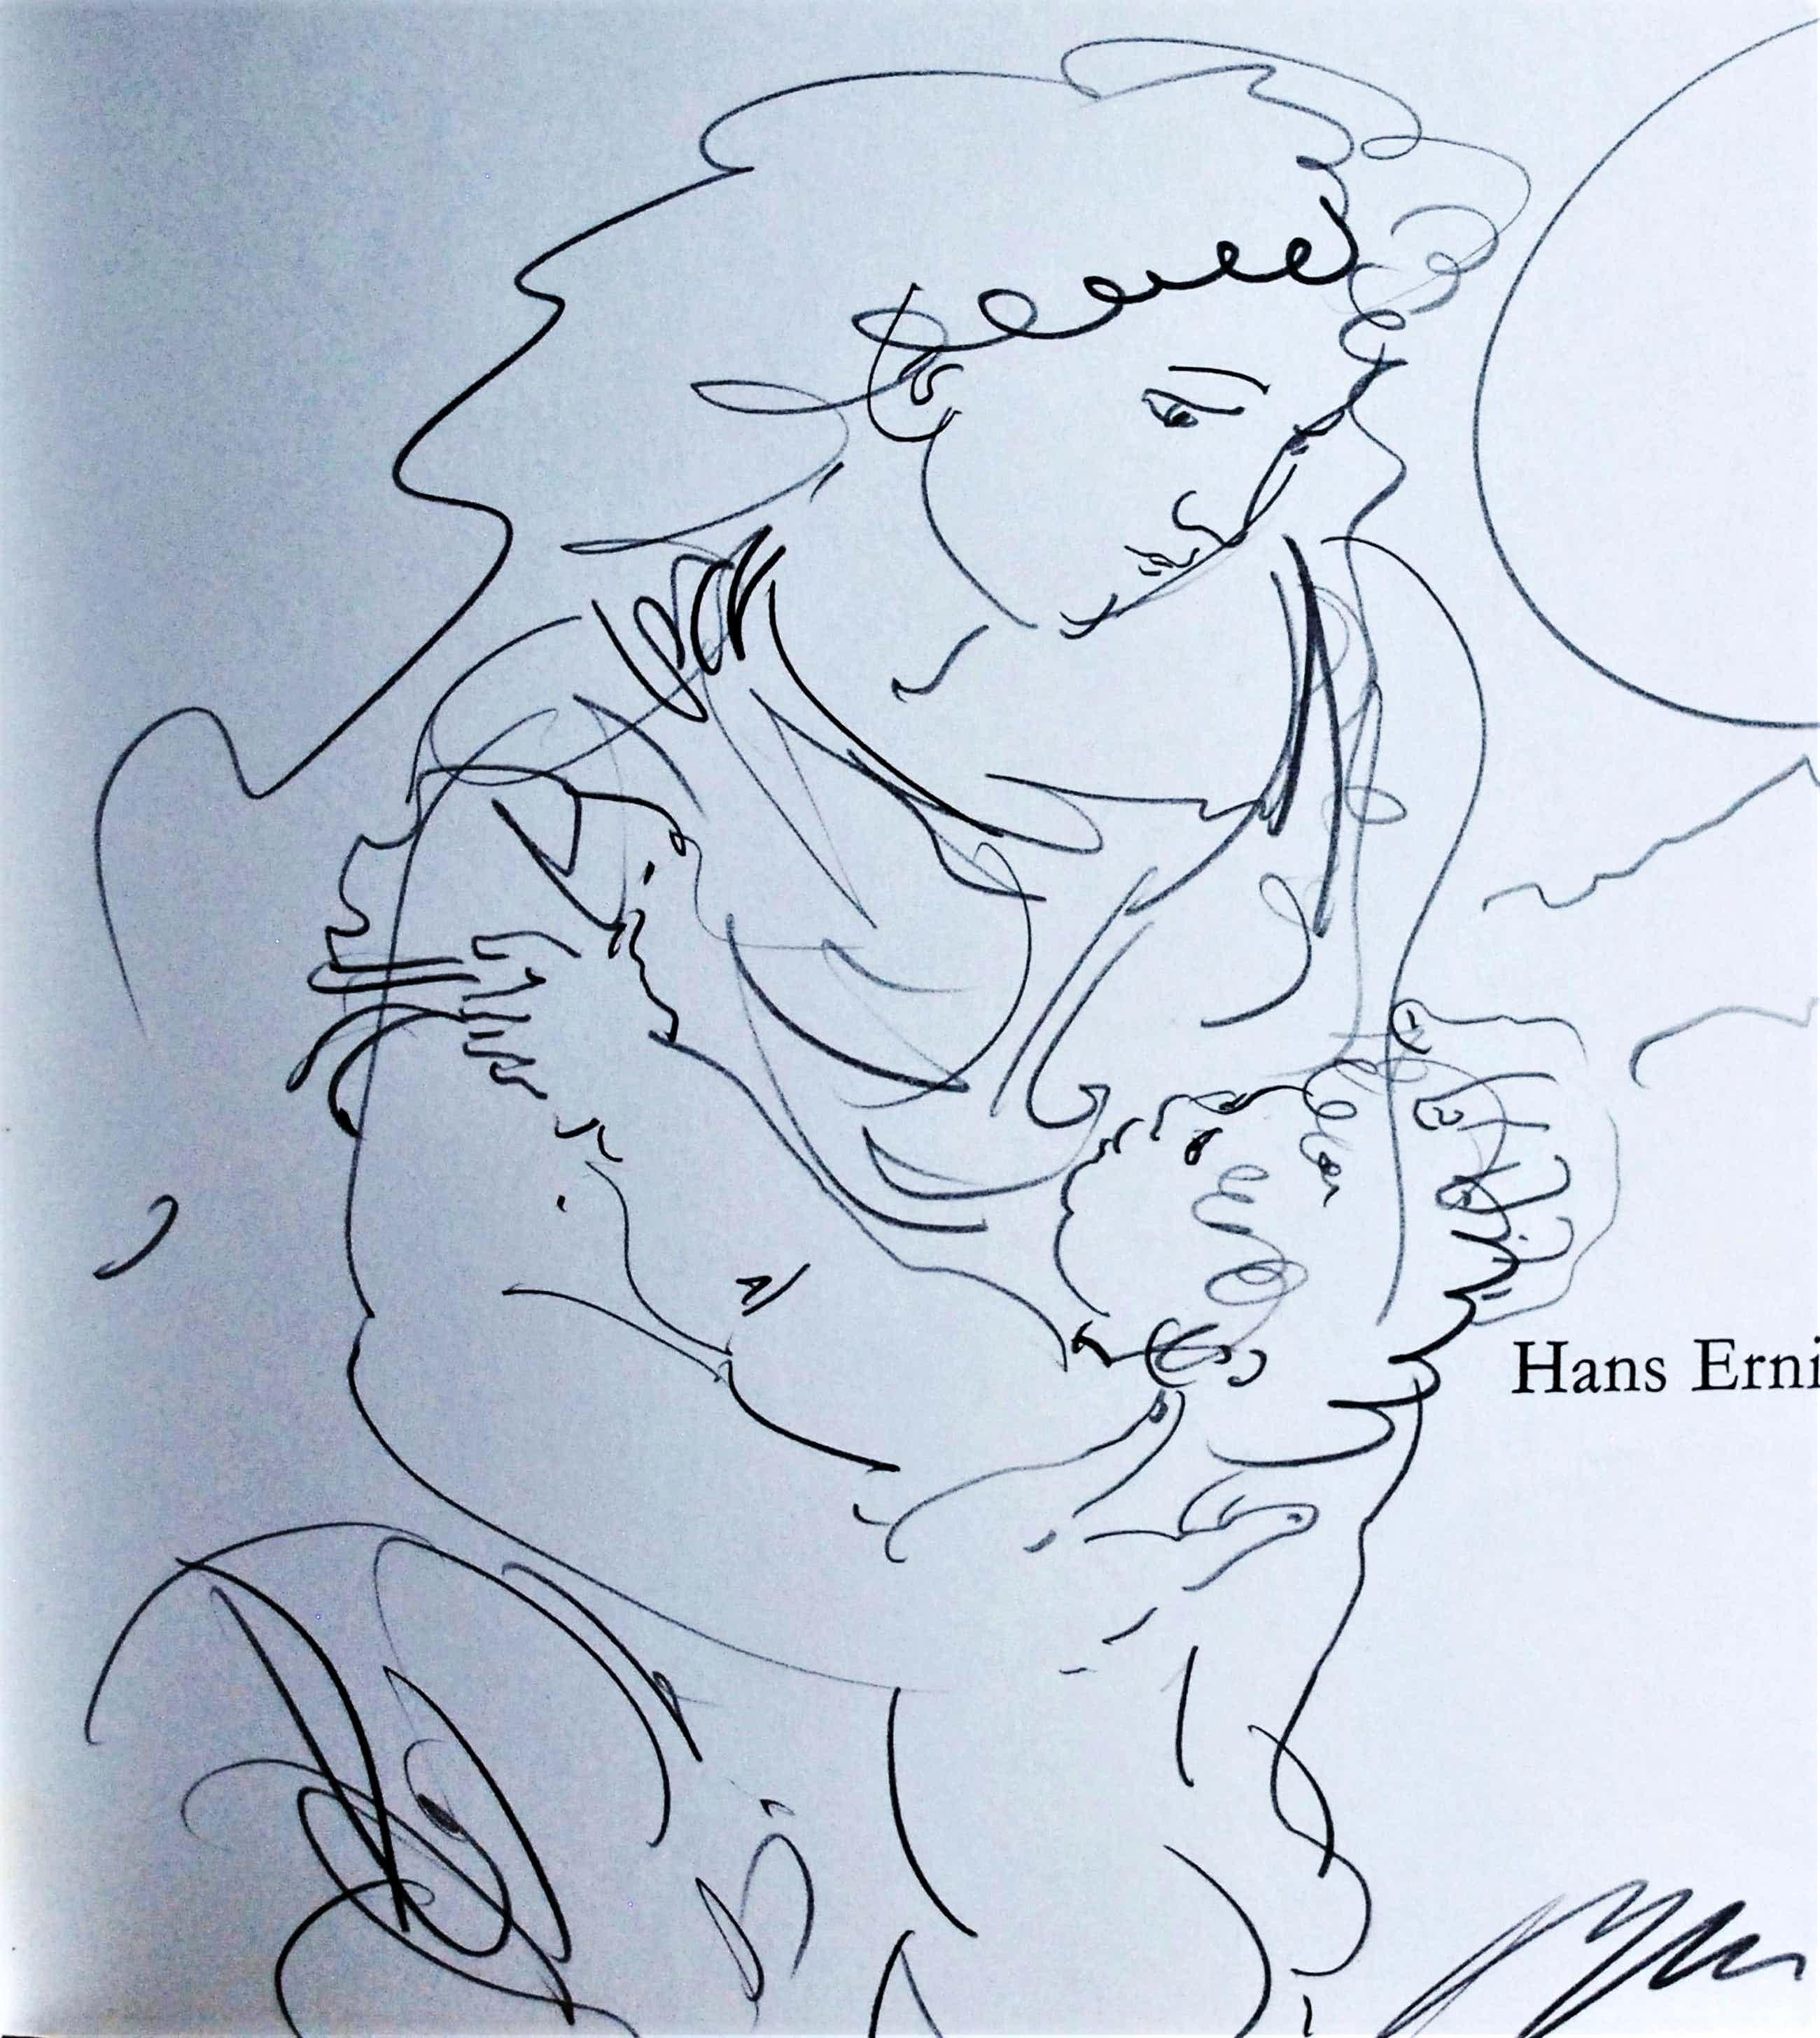 Hans Erni - Grote gesigneerde en beschreven tekening in het boek Israel - 1971 kopen? Bied vanaf 150!